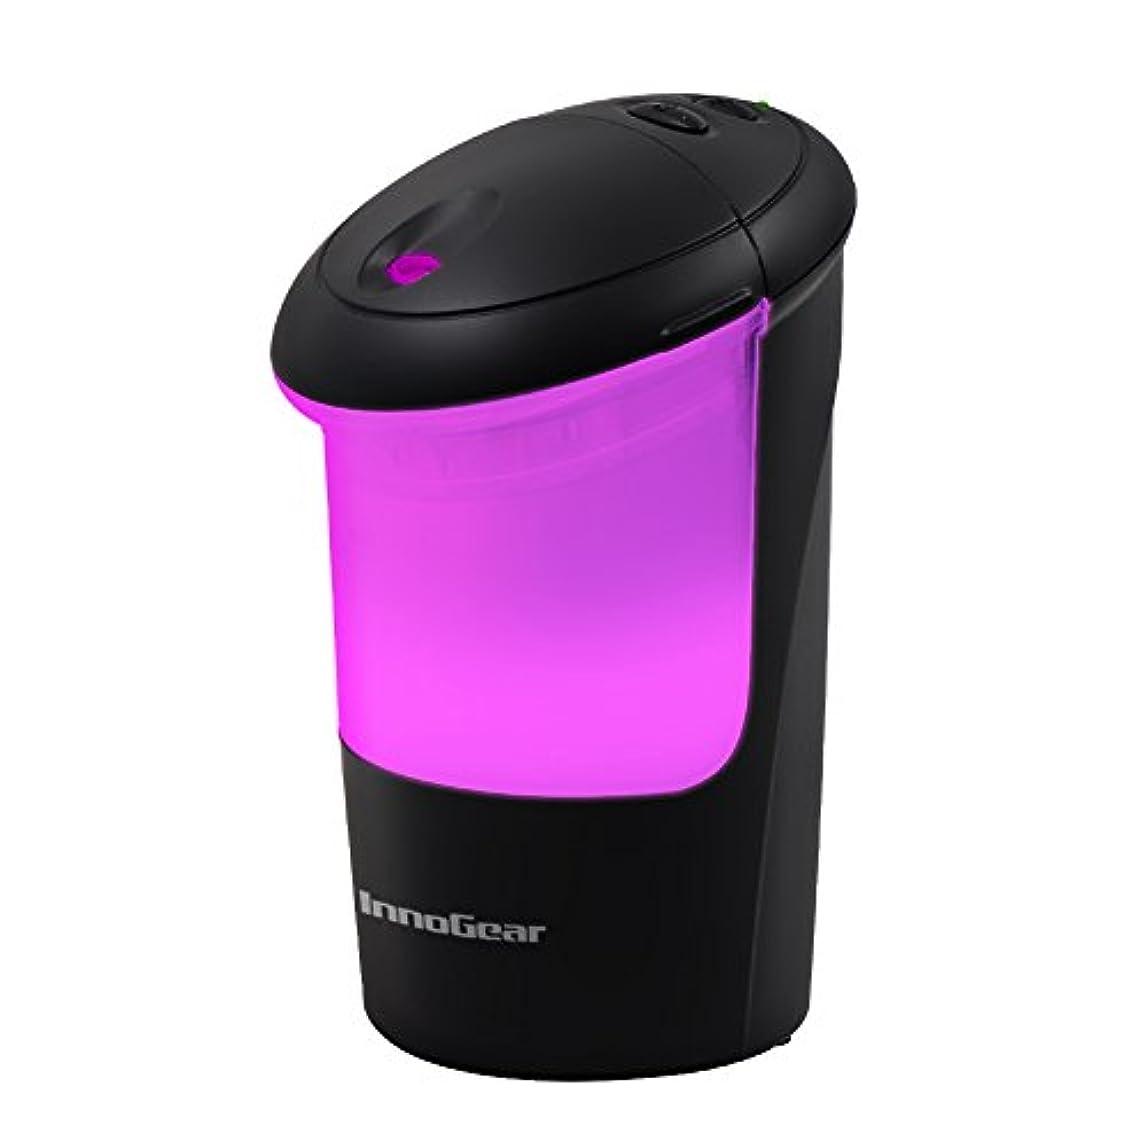 伴う勉強するそれにもかかわらずInnoGear USB車Essential Oil Diffuser Air Refresher超音波アロマテラピーDiffusers with 7カラフルなLEDライトオフィス旅行ホーム車の ブラック UD50